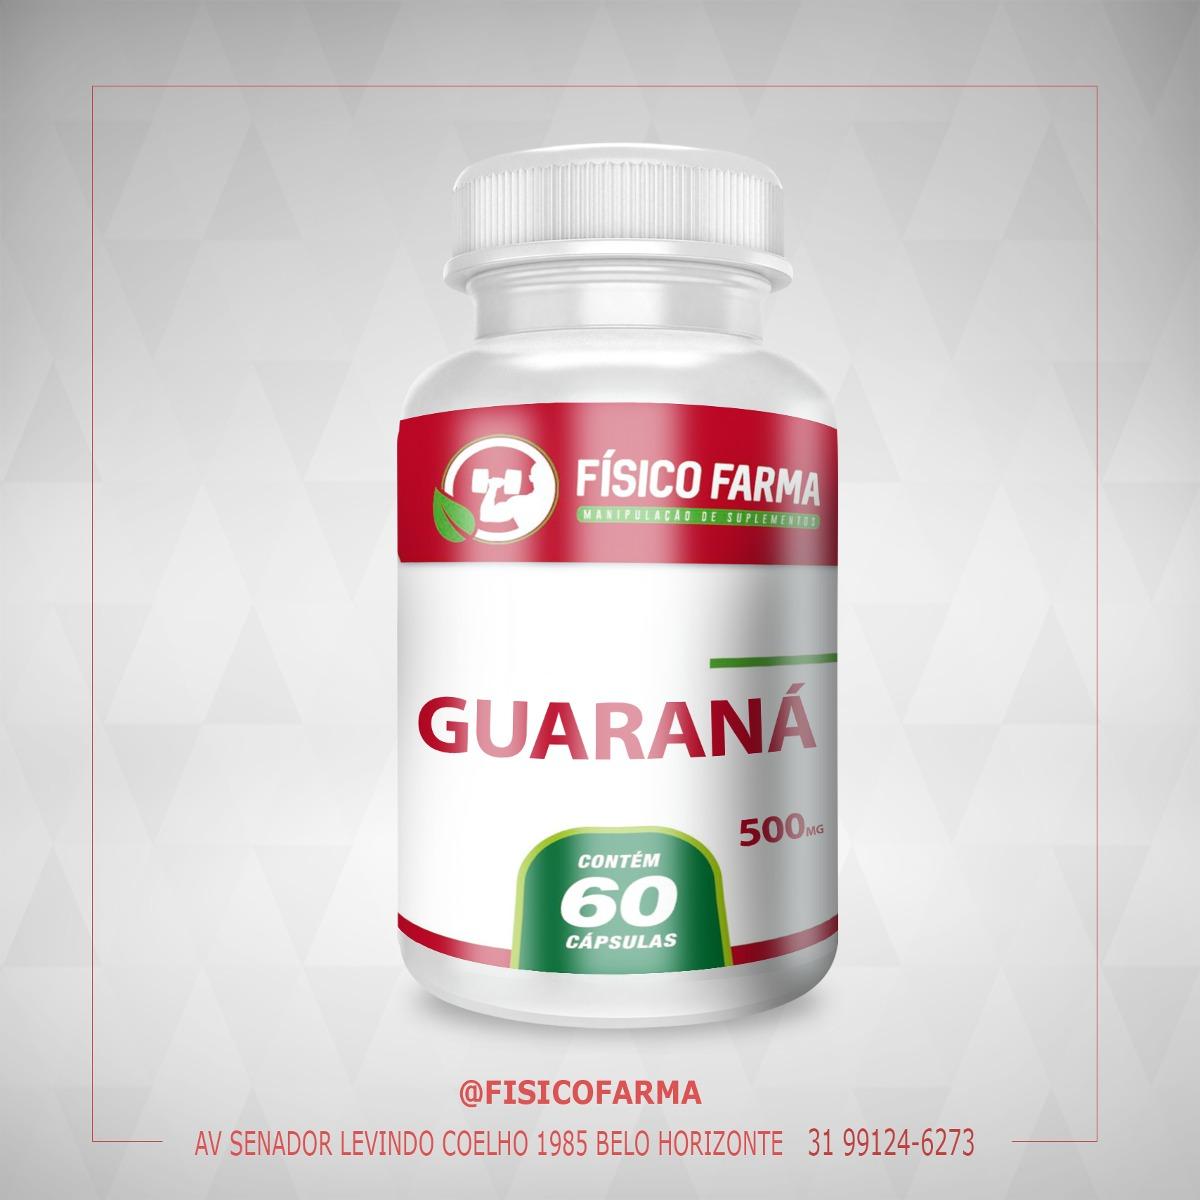 Guaraná 500mg - 60 cápsulas (guarana)